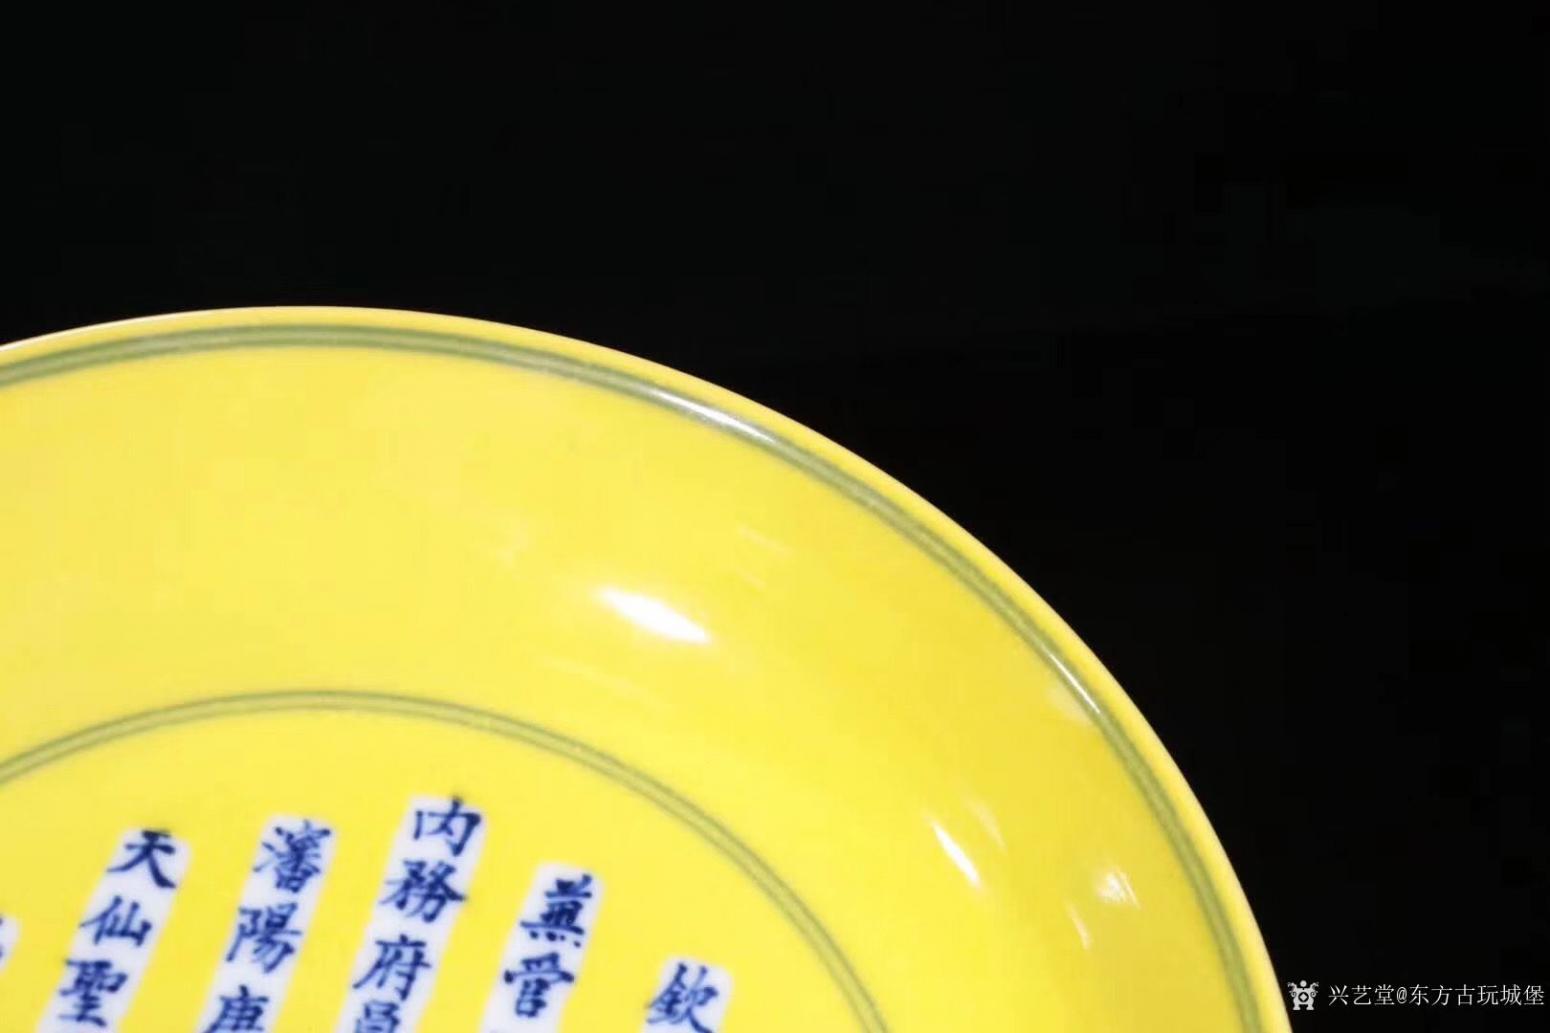 东方古玩城堡文玩杂项作品《黄地青花赏盘》【图4】